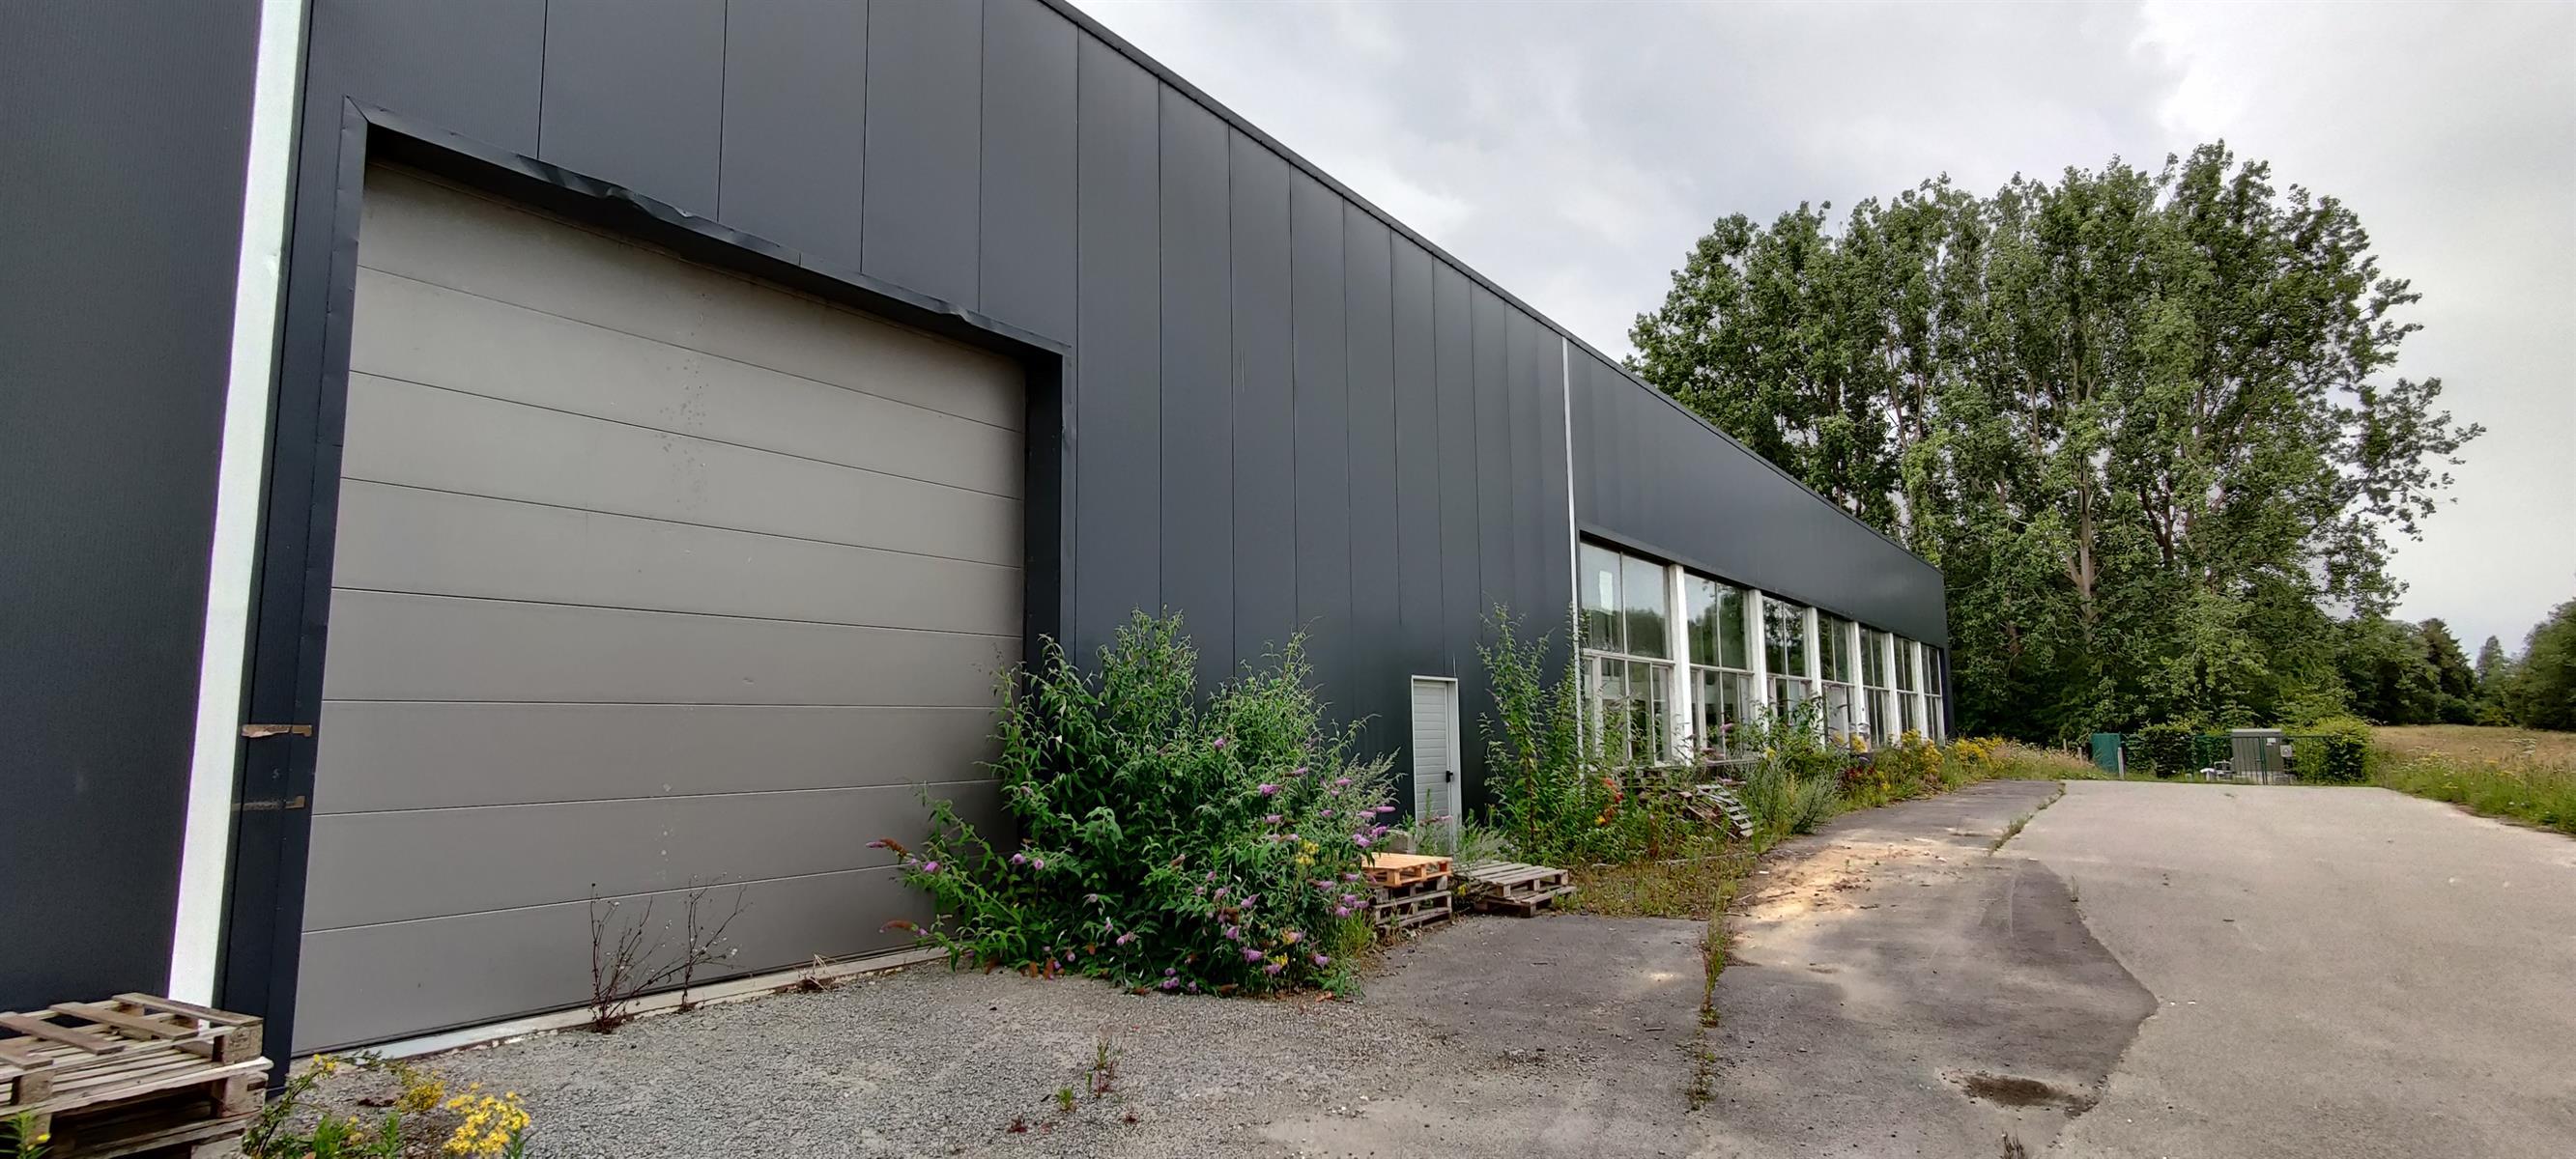 gebouw voor gemengd gebruik te huur I158 - Lumbeekstraat 38, 1700 Dilbeek Sint-Ulriks-Kapelle, België 1